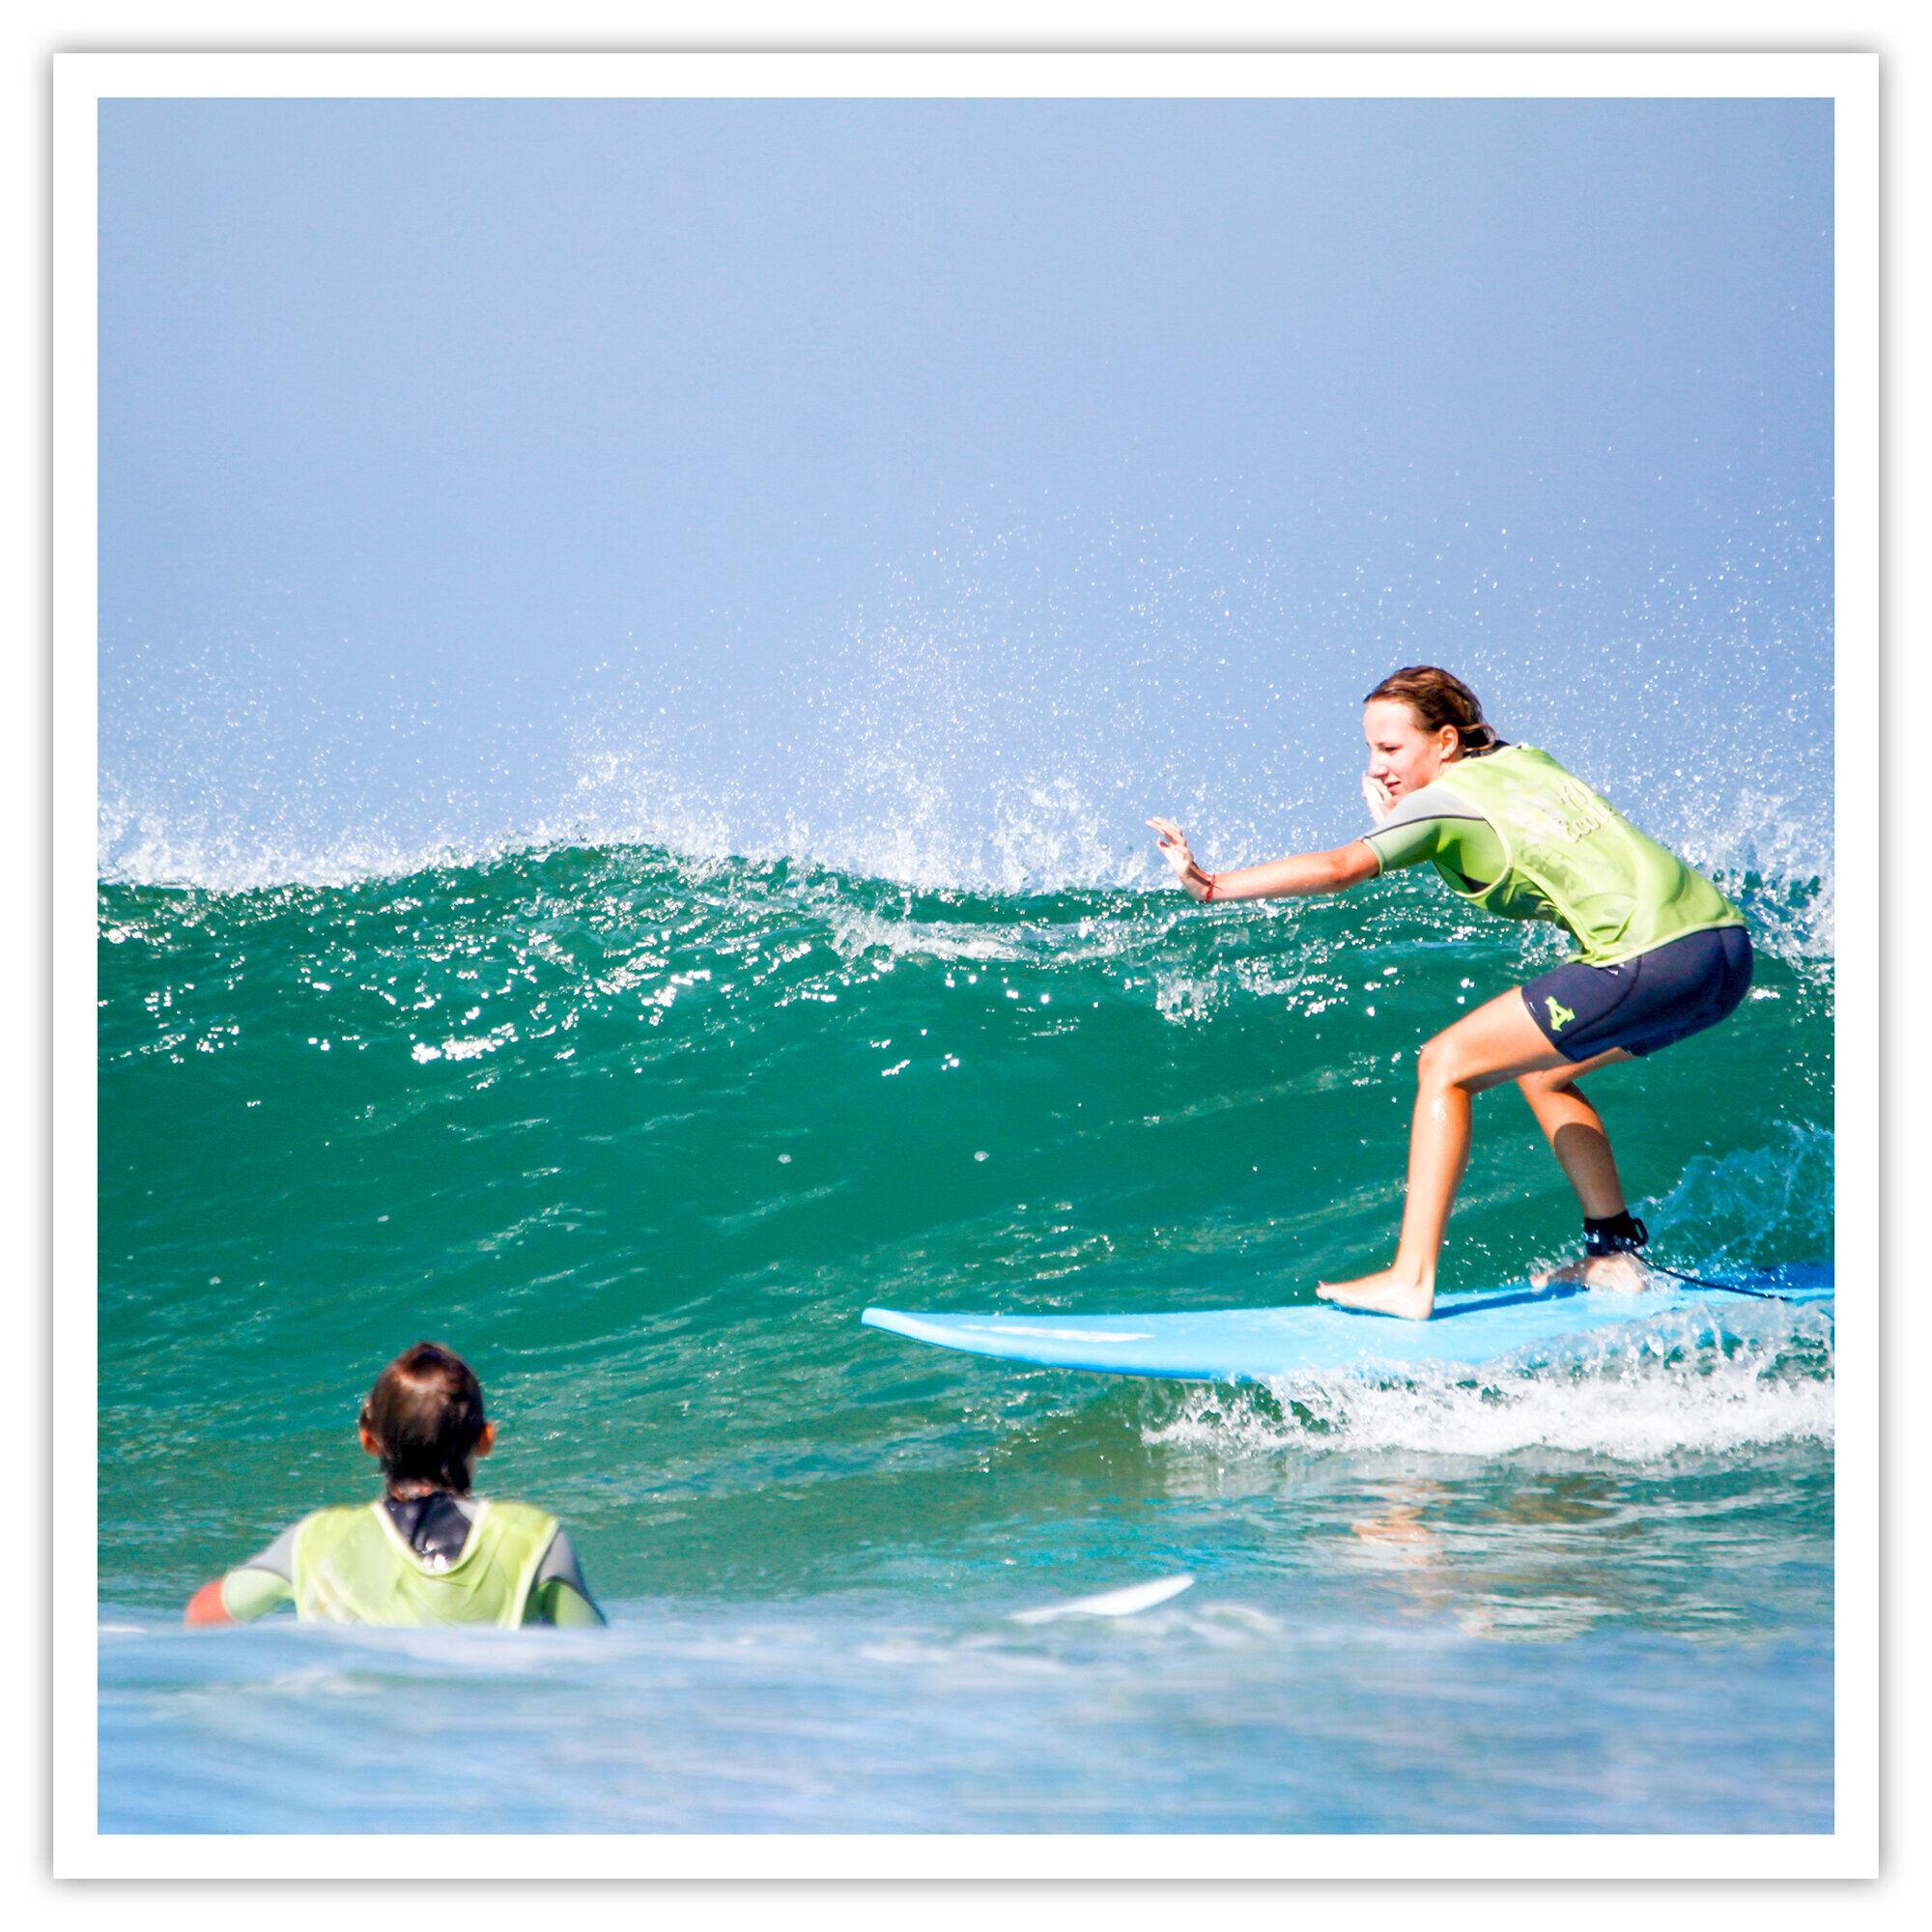 Smartbox Cours de surf et location de matériel à Seignosse dans les Landes Coffret cadeau Smartbox